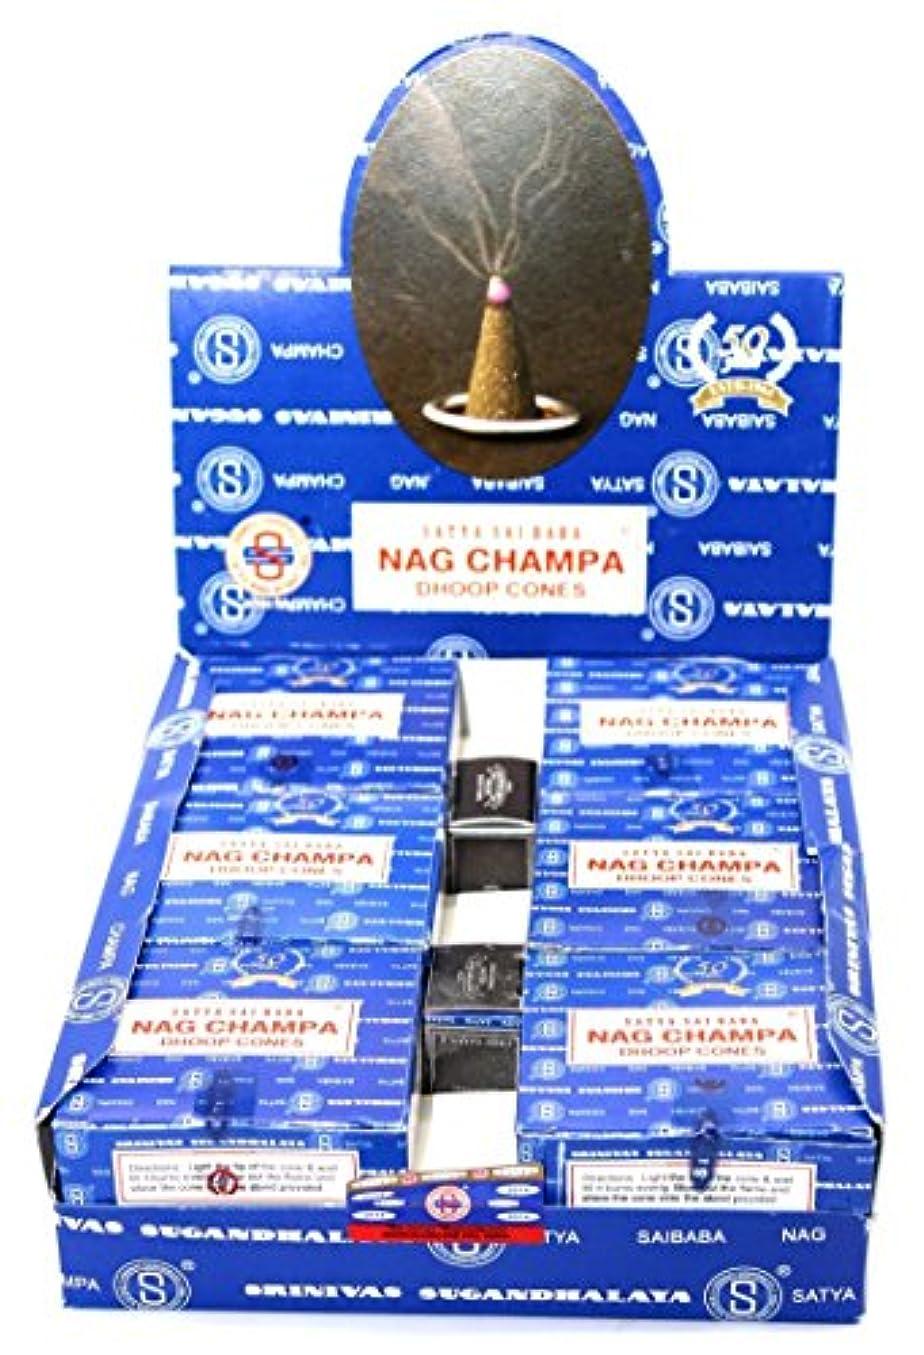 Nag Champa Satya Sai Baba Temple Incense Cones Carton, 12 Box by Nag Champa [並行輸入品]